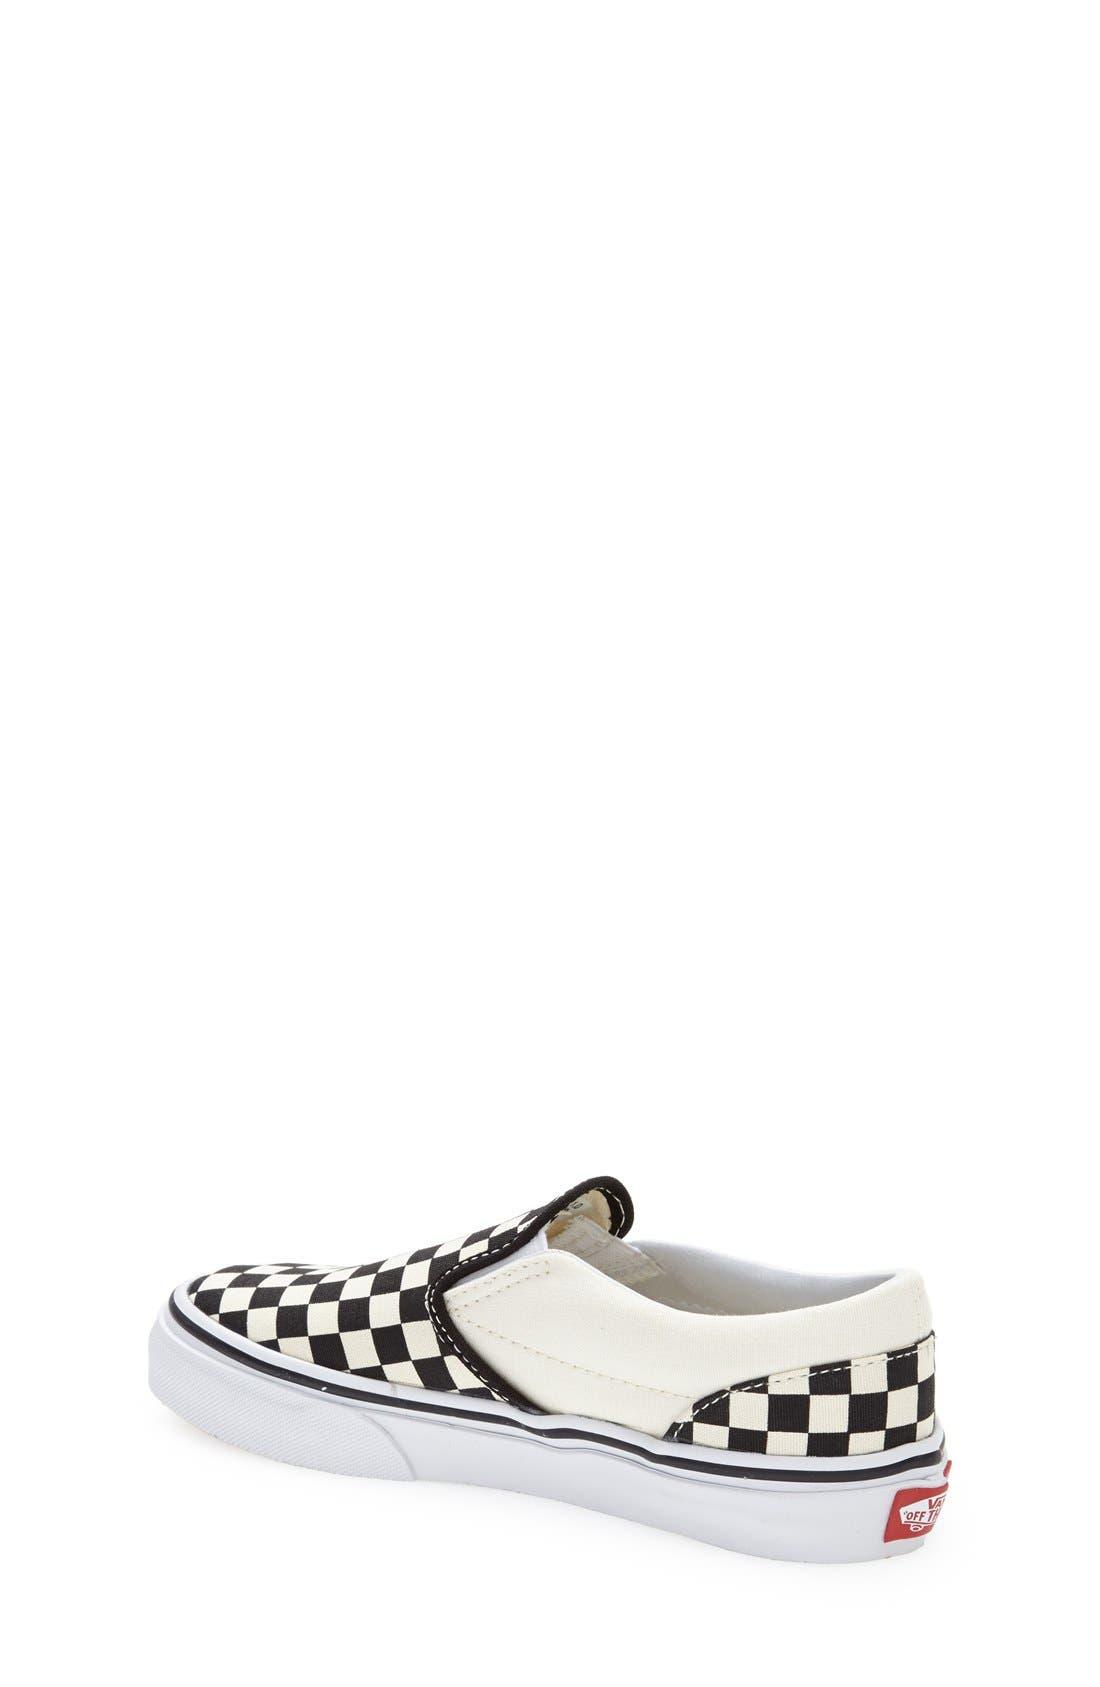 'Classic - Checkerboard' Slip-On,                             Alternate thumbnail 6, color,                             BLACK/ WHITE CHECKERBOARD